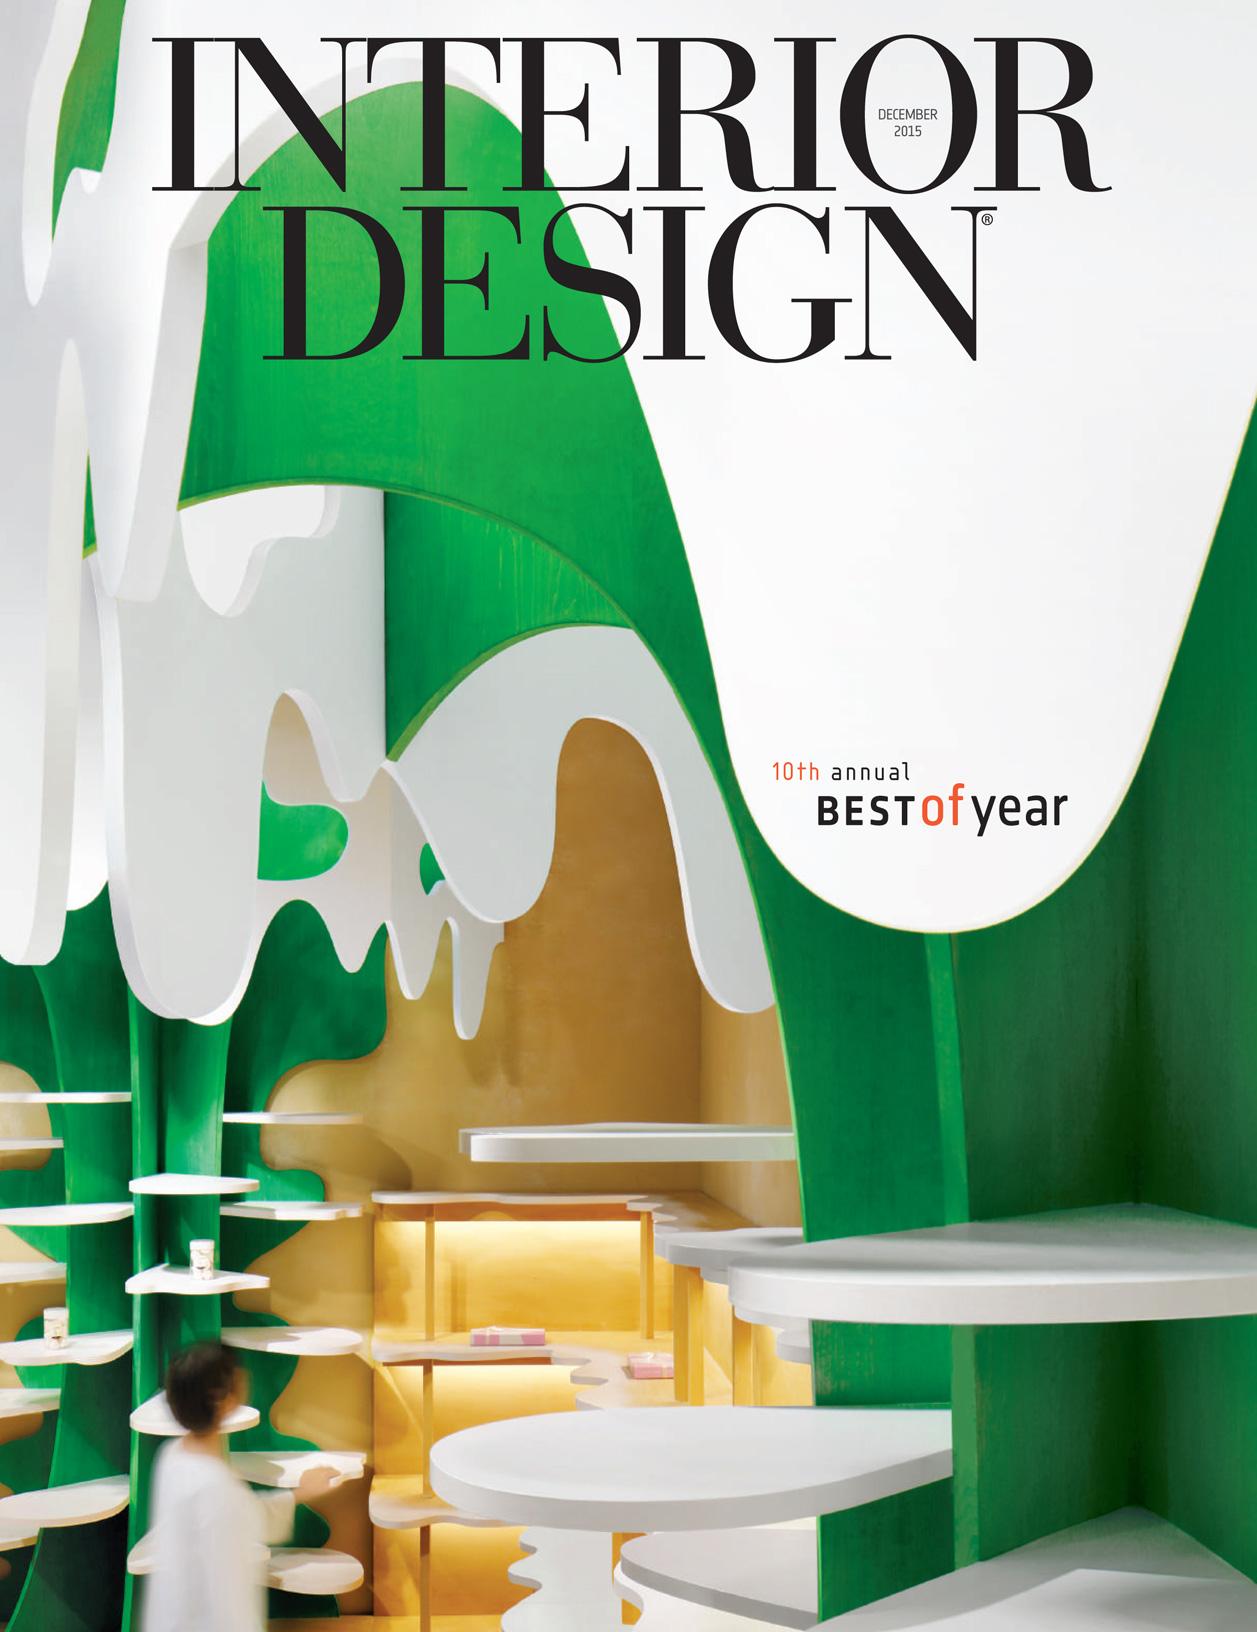 Interior Design Magazine - December 2015